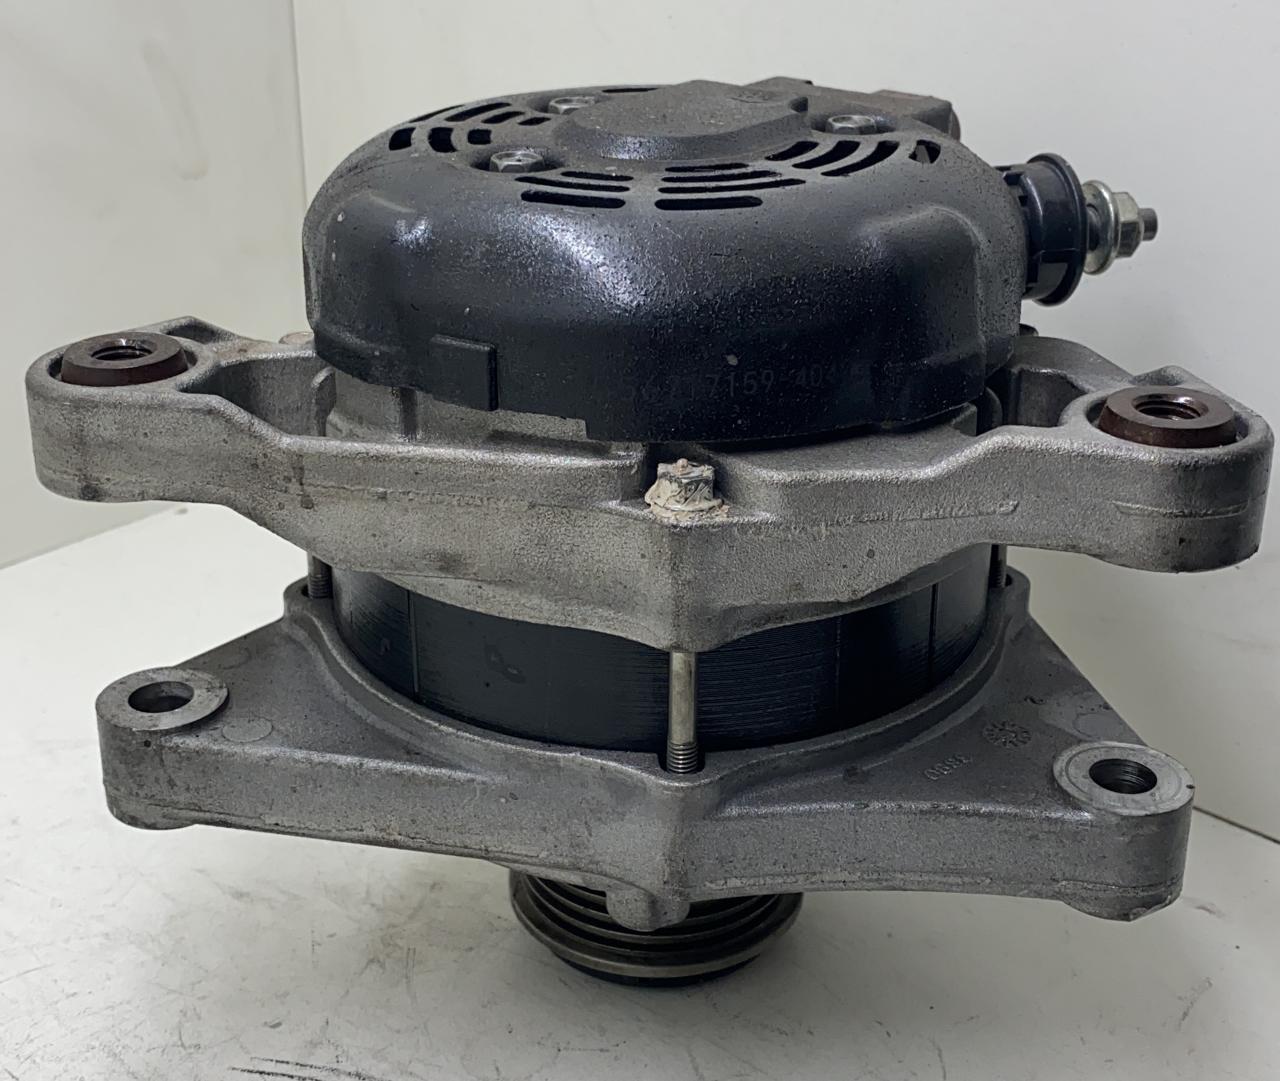 Alternador Fiat Argo 1.0 1.3 & Cronos 1.3 Uno 3 cilindros 12V 150A 51984062 51984064 MS1042119240 51984063 MS1042119230